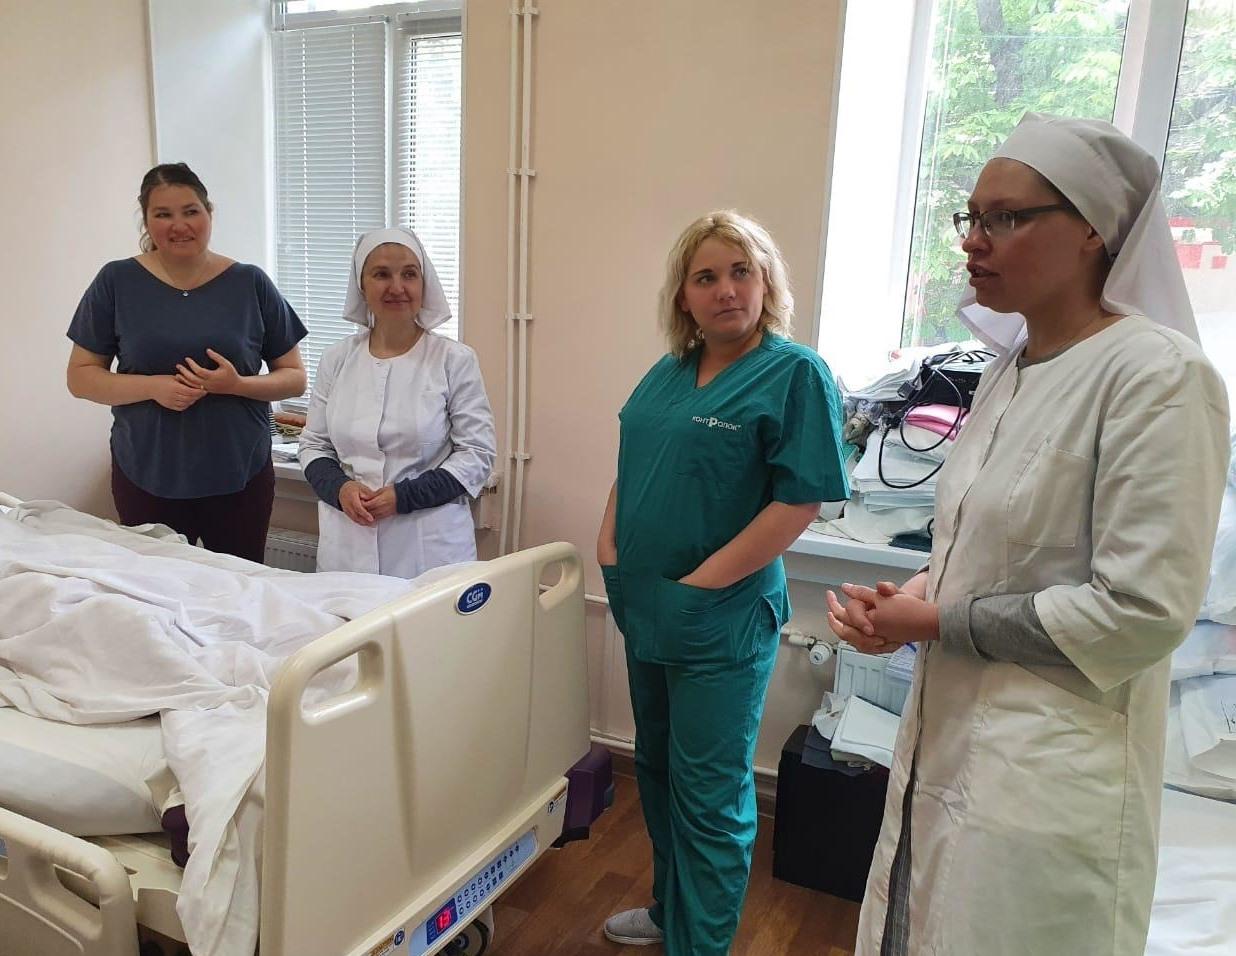 Обучающие курсы по уходу за тяжелобольными в Крыму. Фото: Валентина Максимова